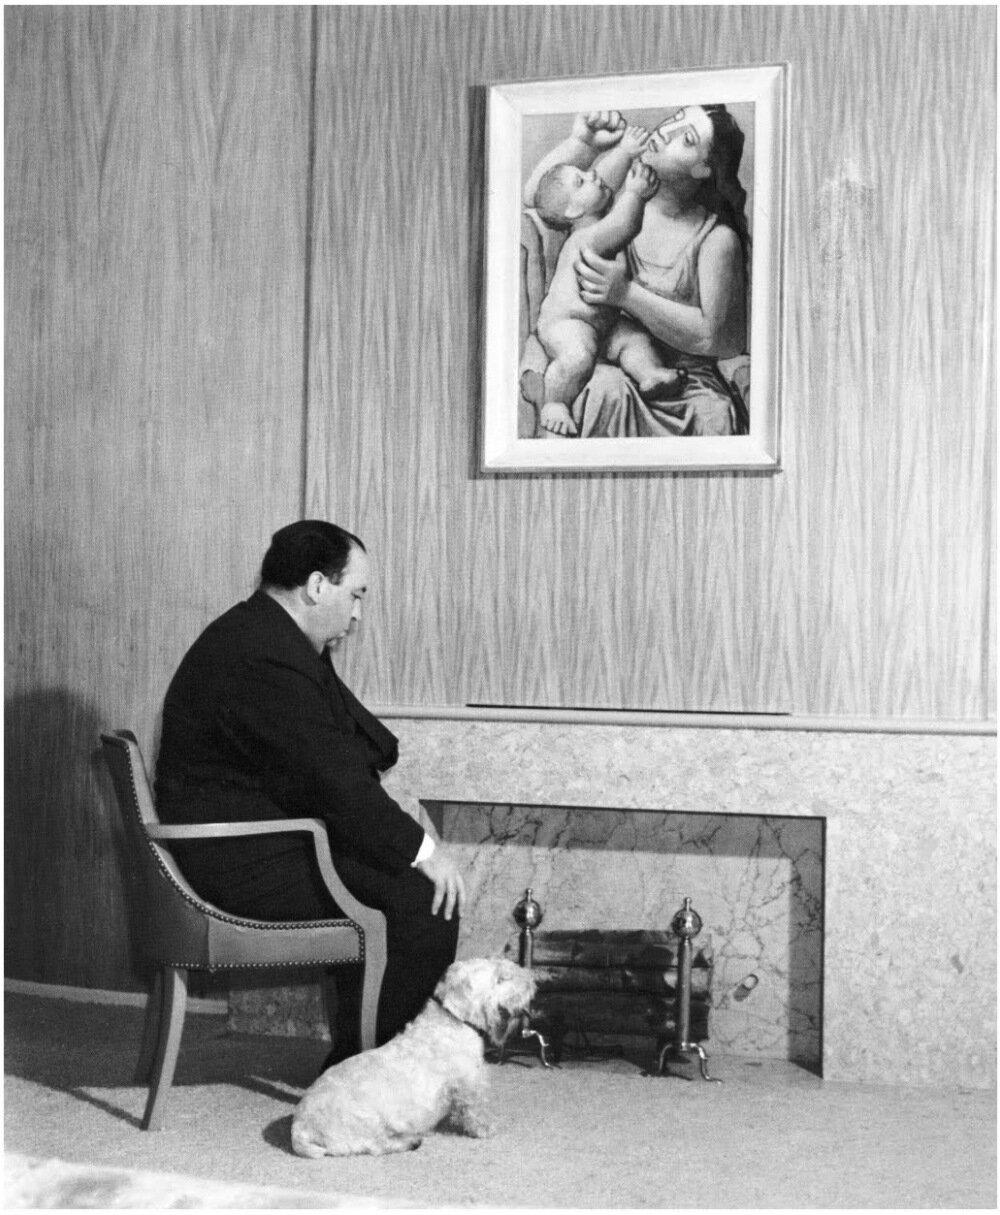 1939. Альфред Хичкок со своим терьером Мистером Дженкинсом. Лос Анджелес